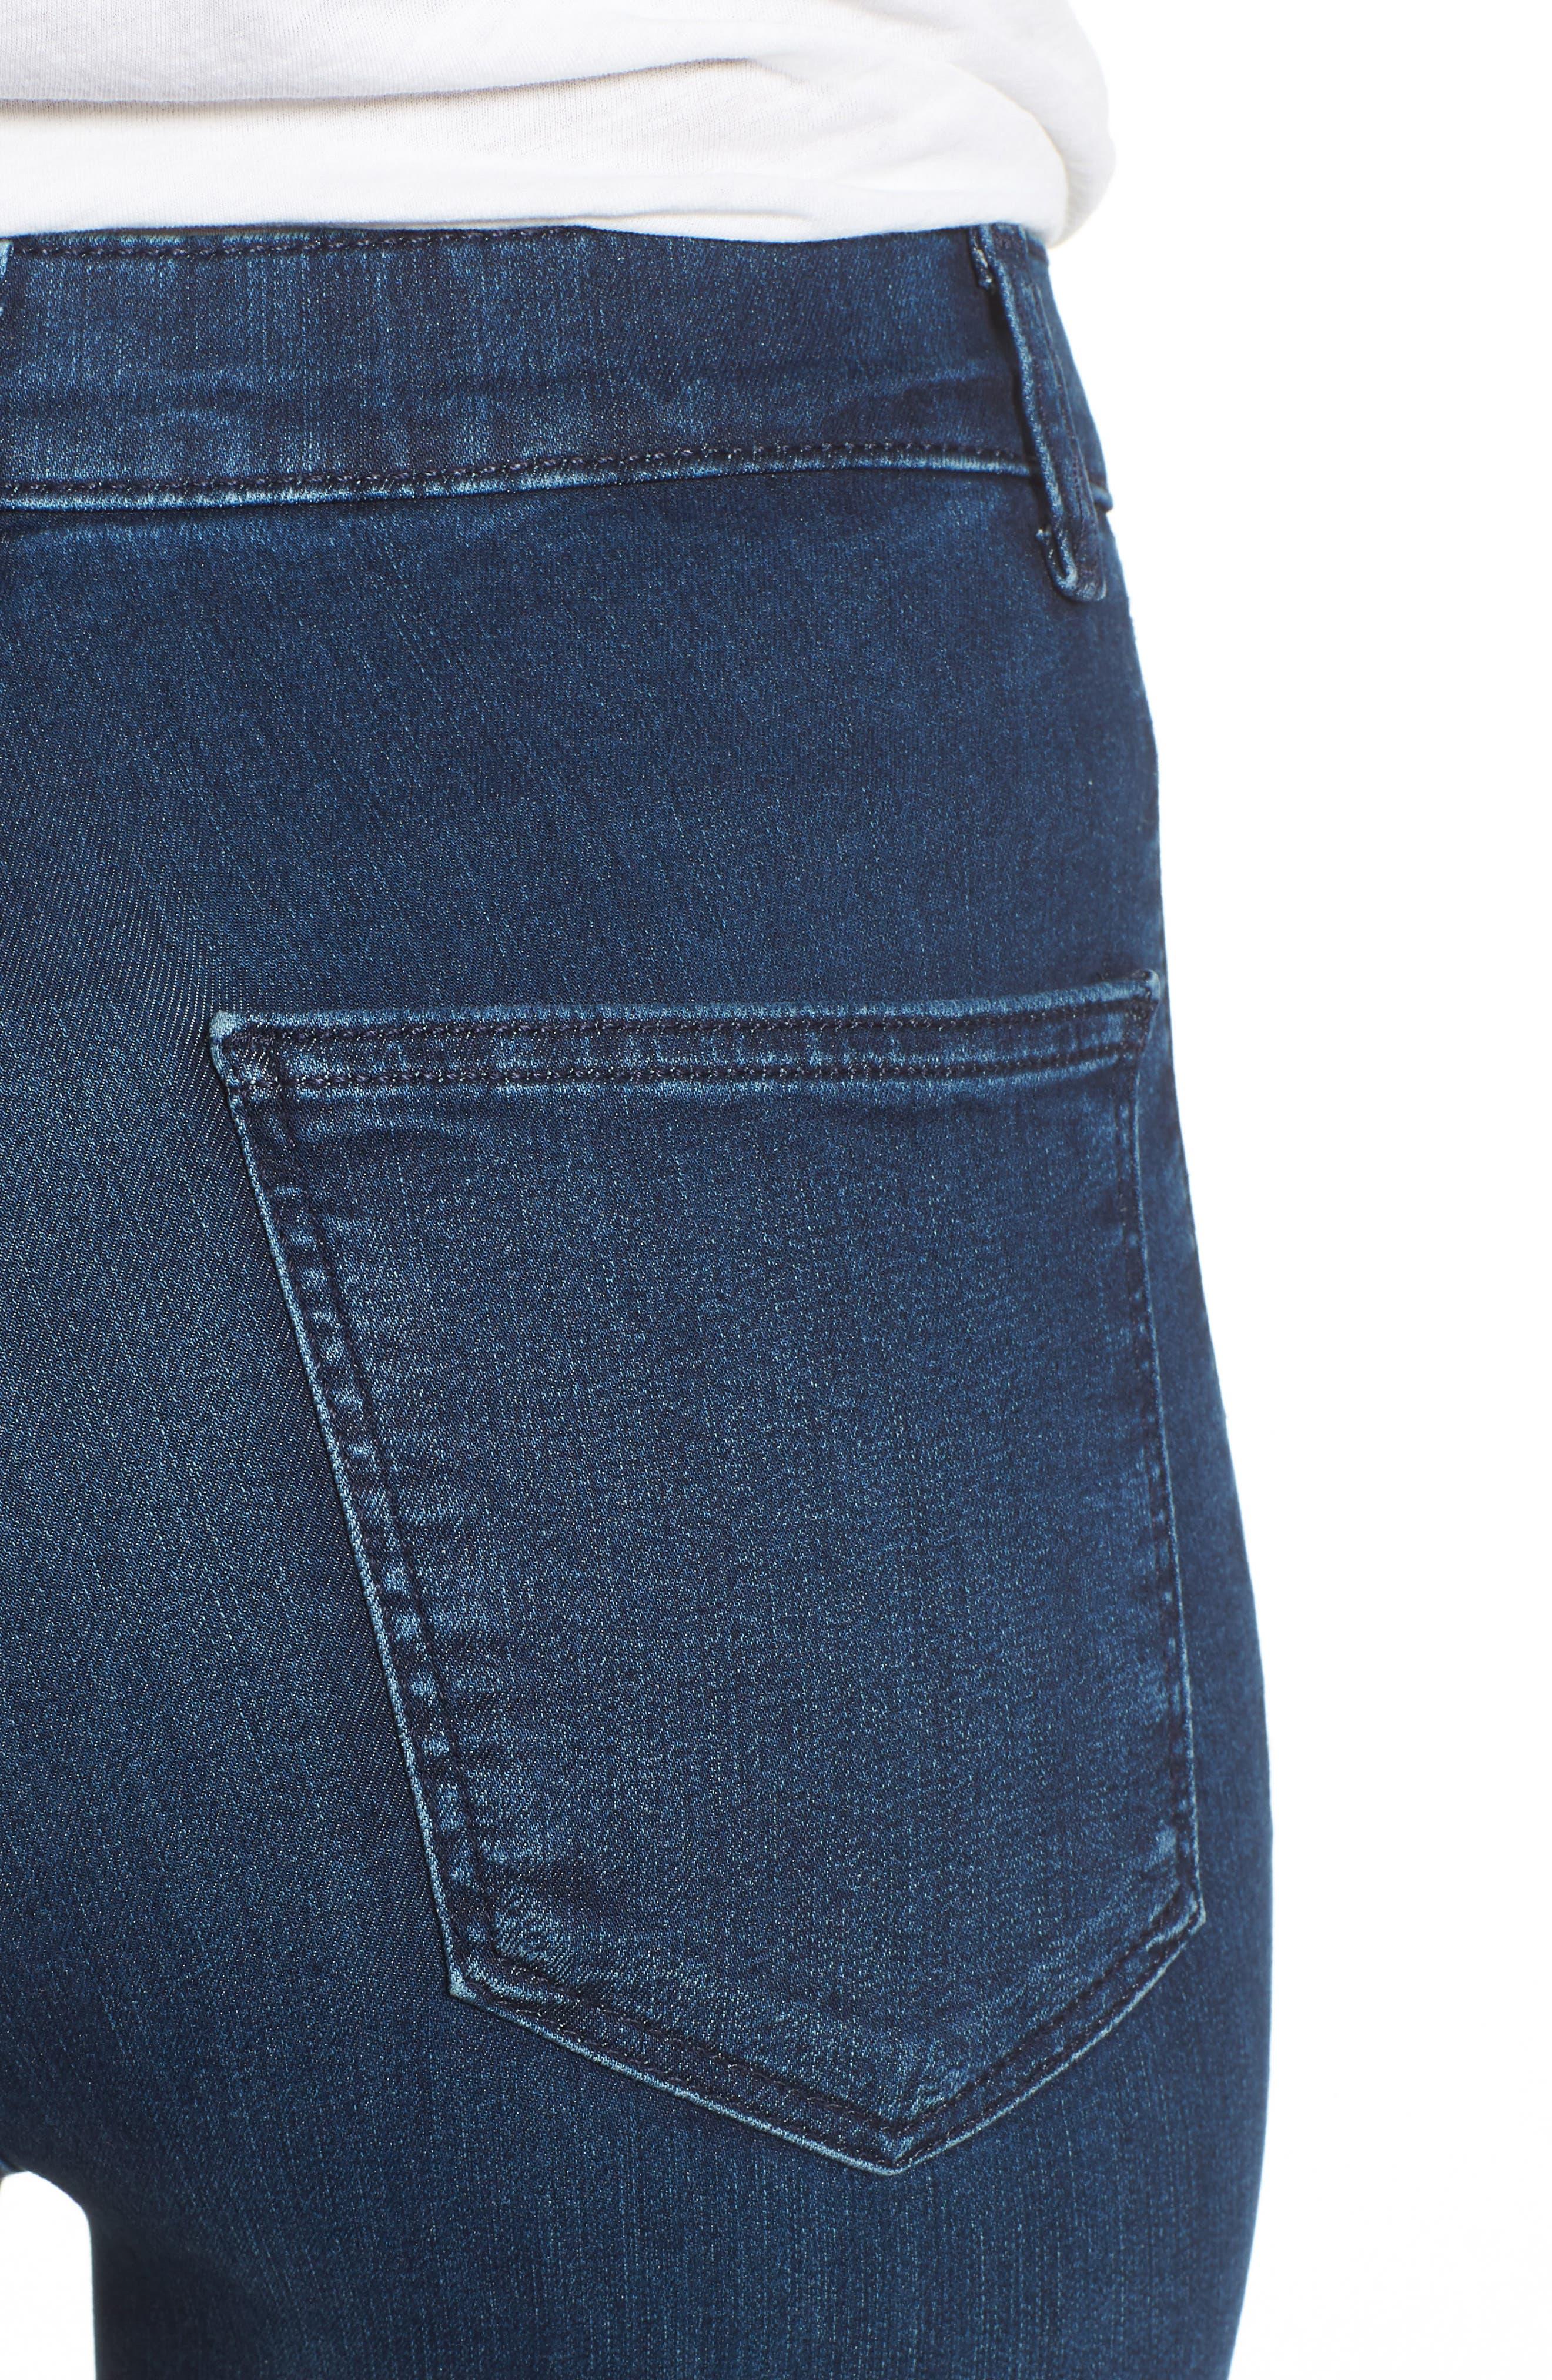 Moto Joni Indigo Jeans,                             Alternate thumbnail 4, color,